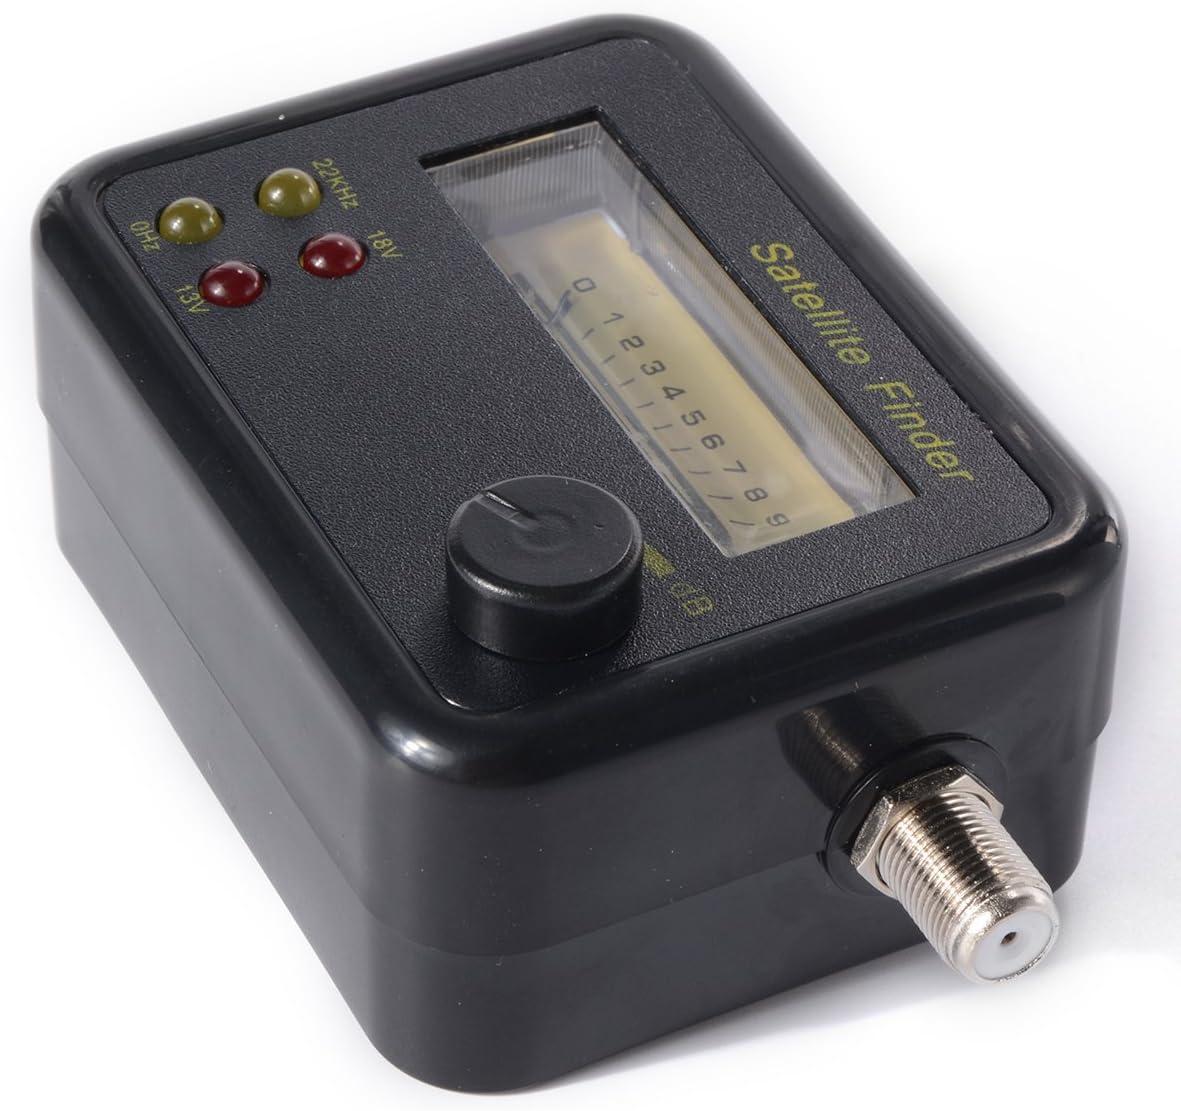 XCSOURCE SF 2400 Satfinder Detector-localizador de señal de satélite digital